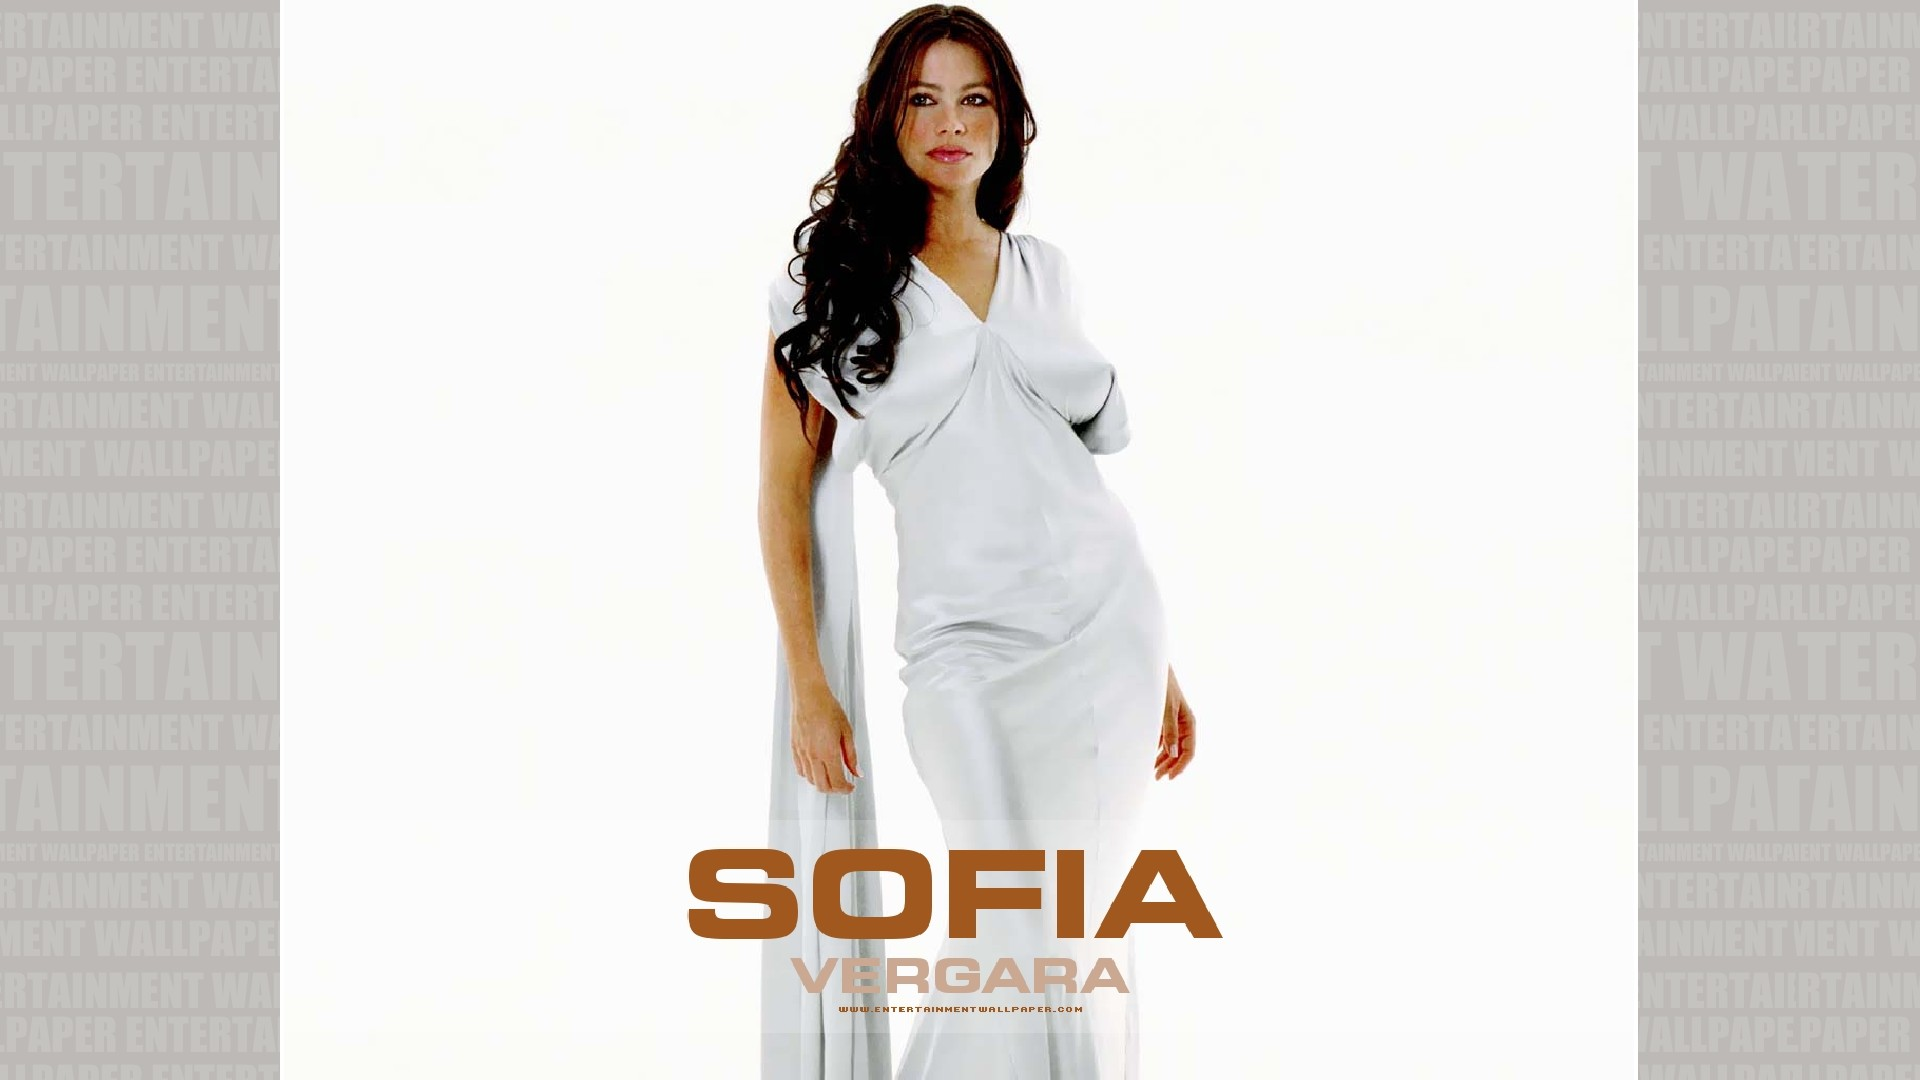 sofia vergara wallpaper 60008832 size 1920x1080 more sofia vergara 1920x1080